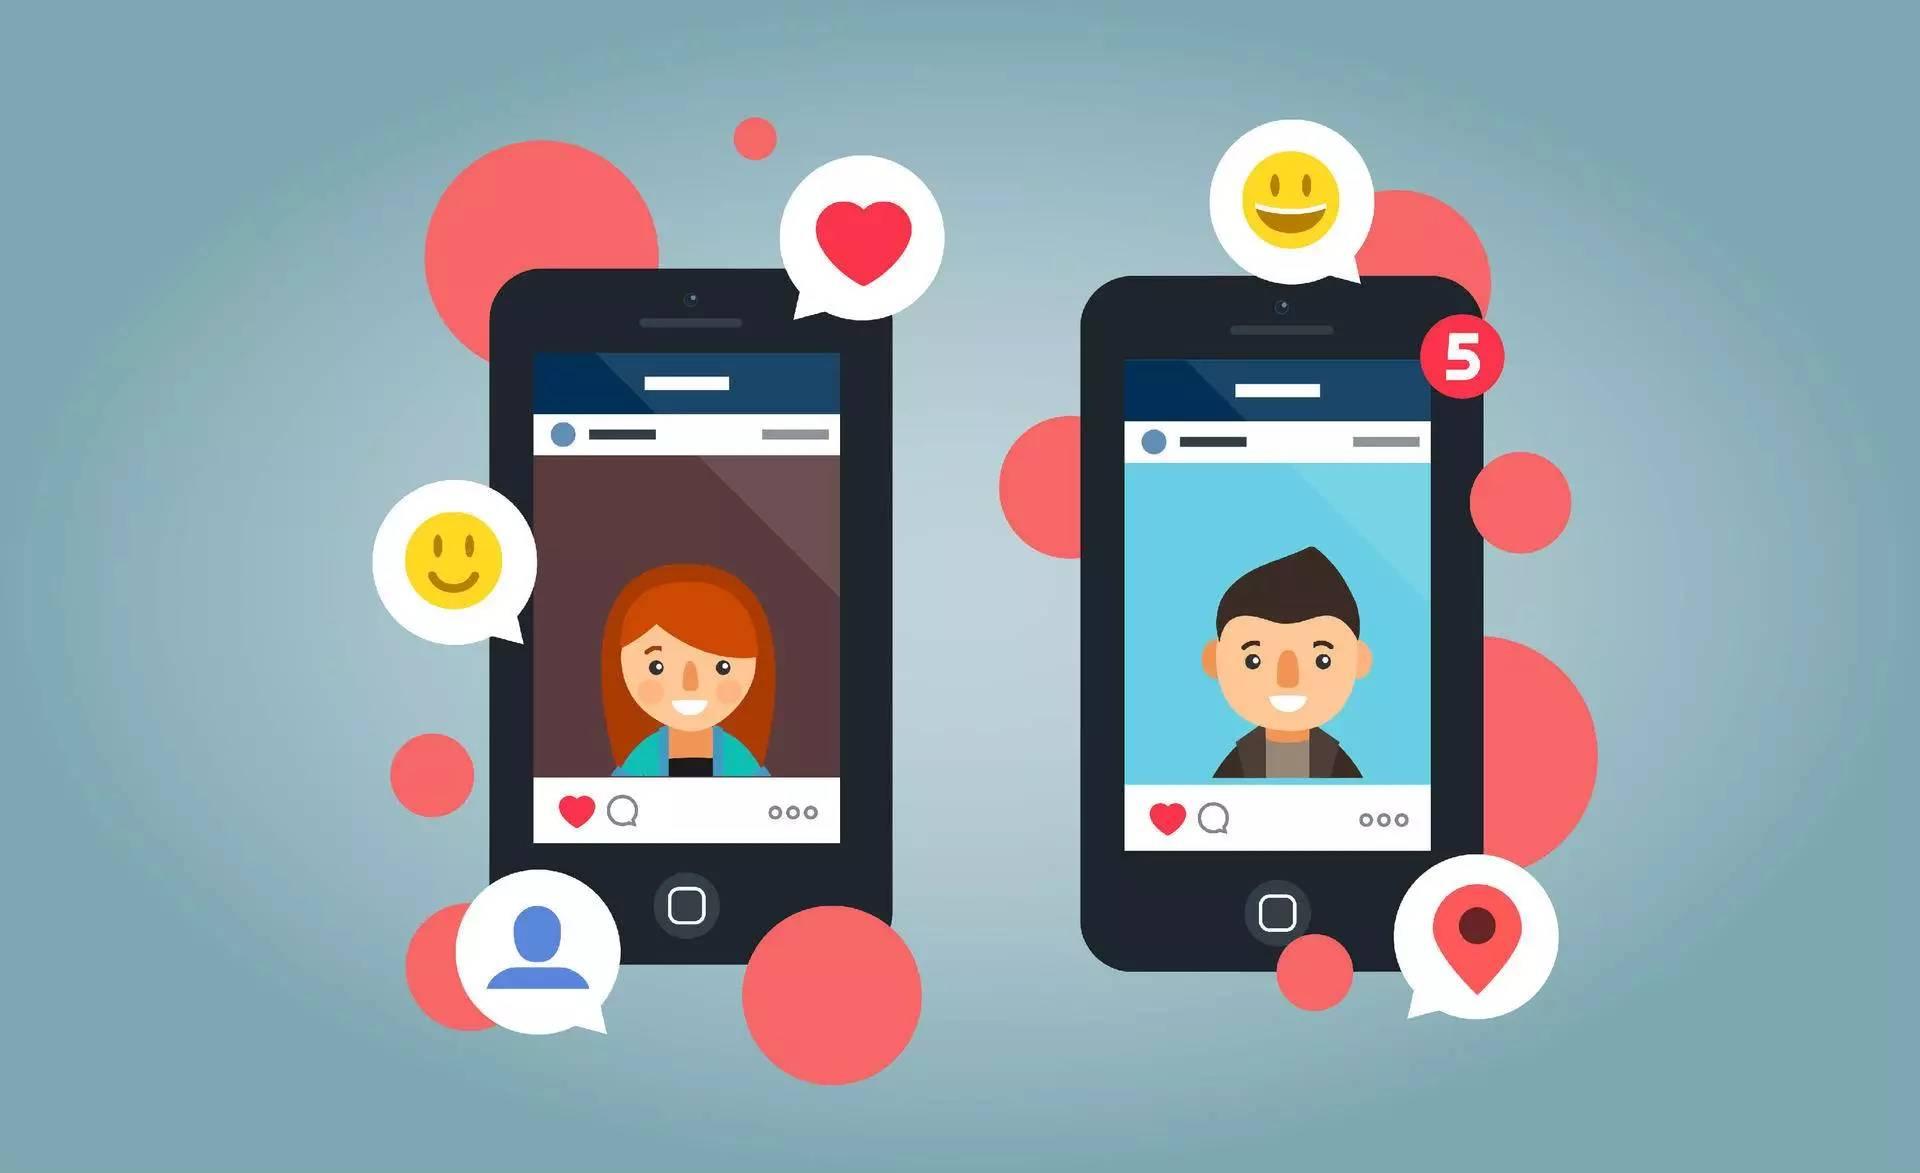 社交软件让见面更简单 饭后买单变得越来越尴尬